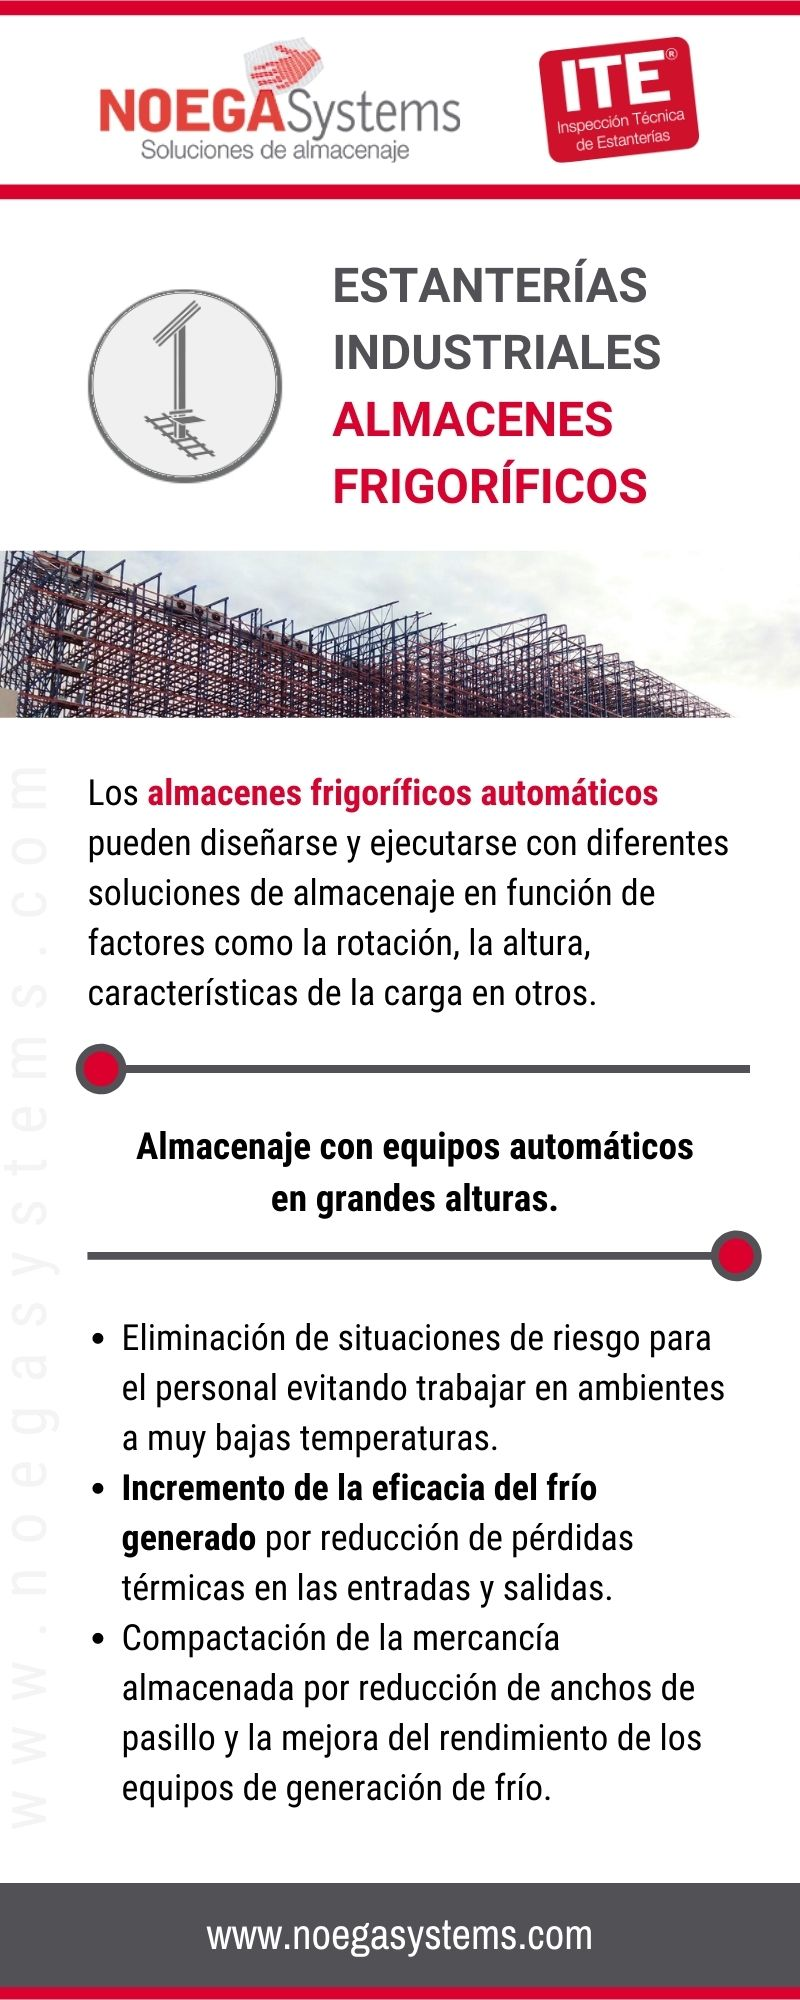 Infografía Estanterías Industriales Almacenes Frigoríficos